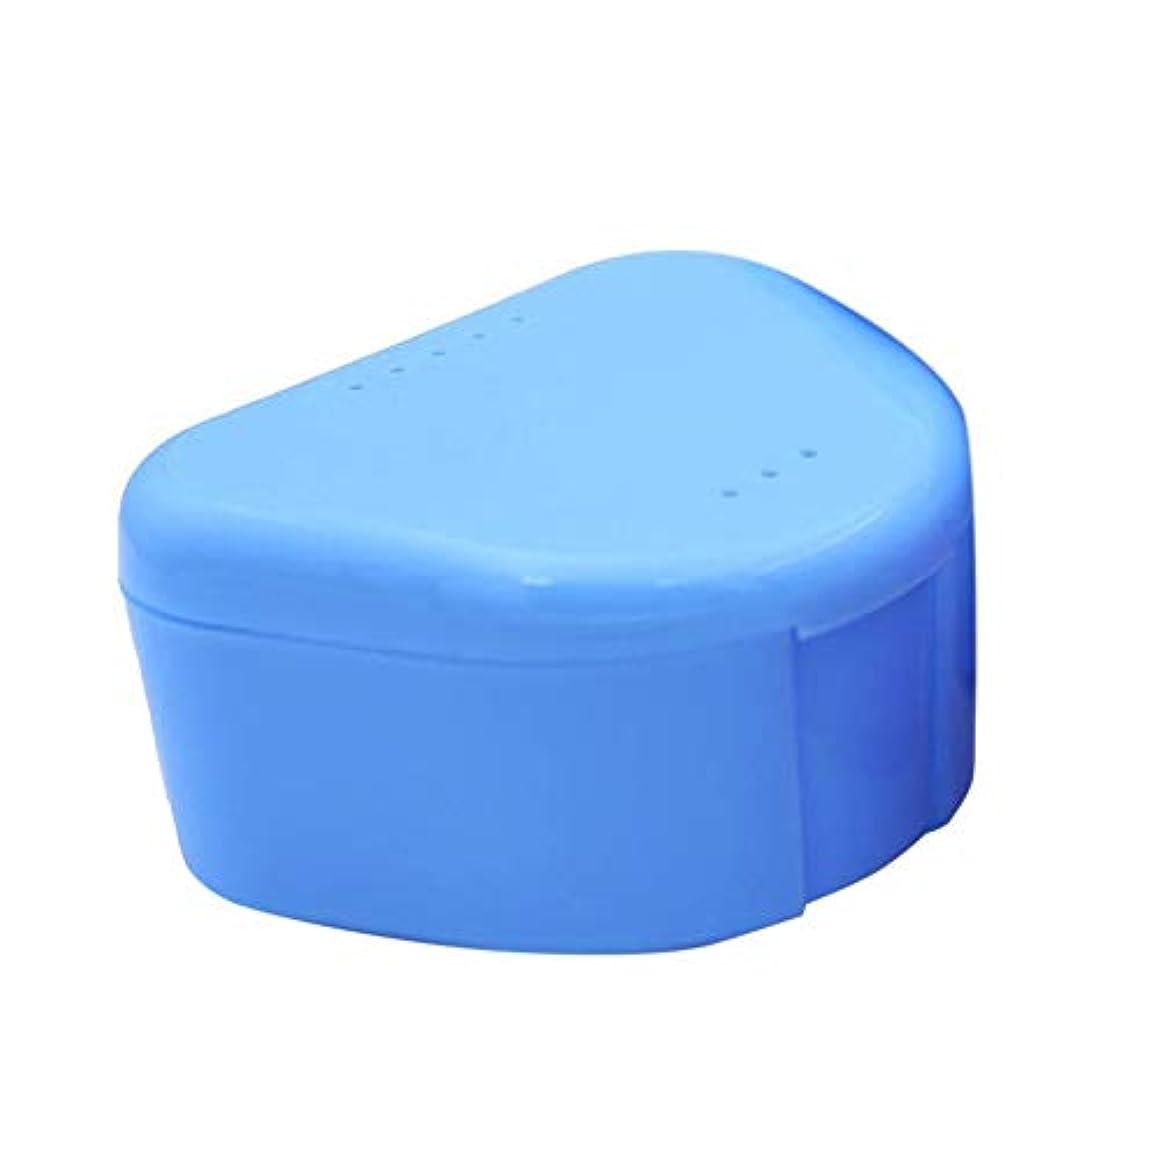 啓発する専制ゲートデンタルリテーナーケースデンタルブレース偽歯収納ケースボックスマウスピースオーガナイザーオーラルヘルスケアデンタルトレイボックス(Color:random)